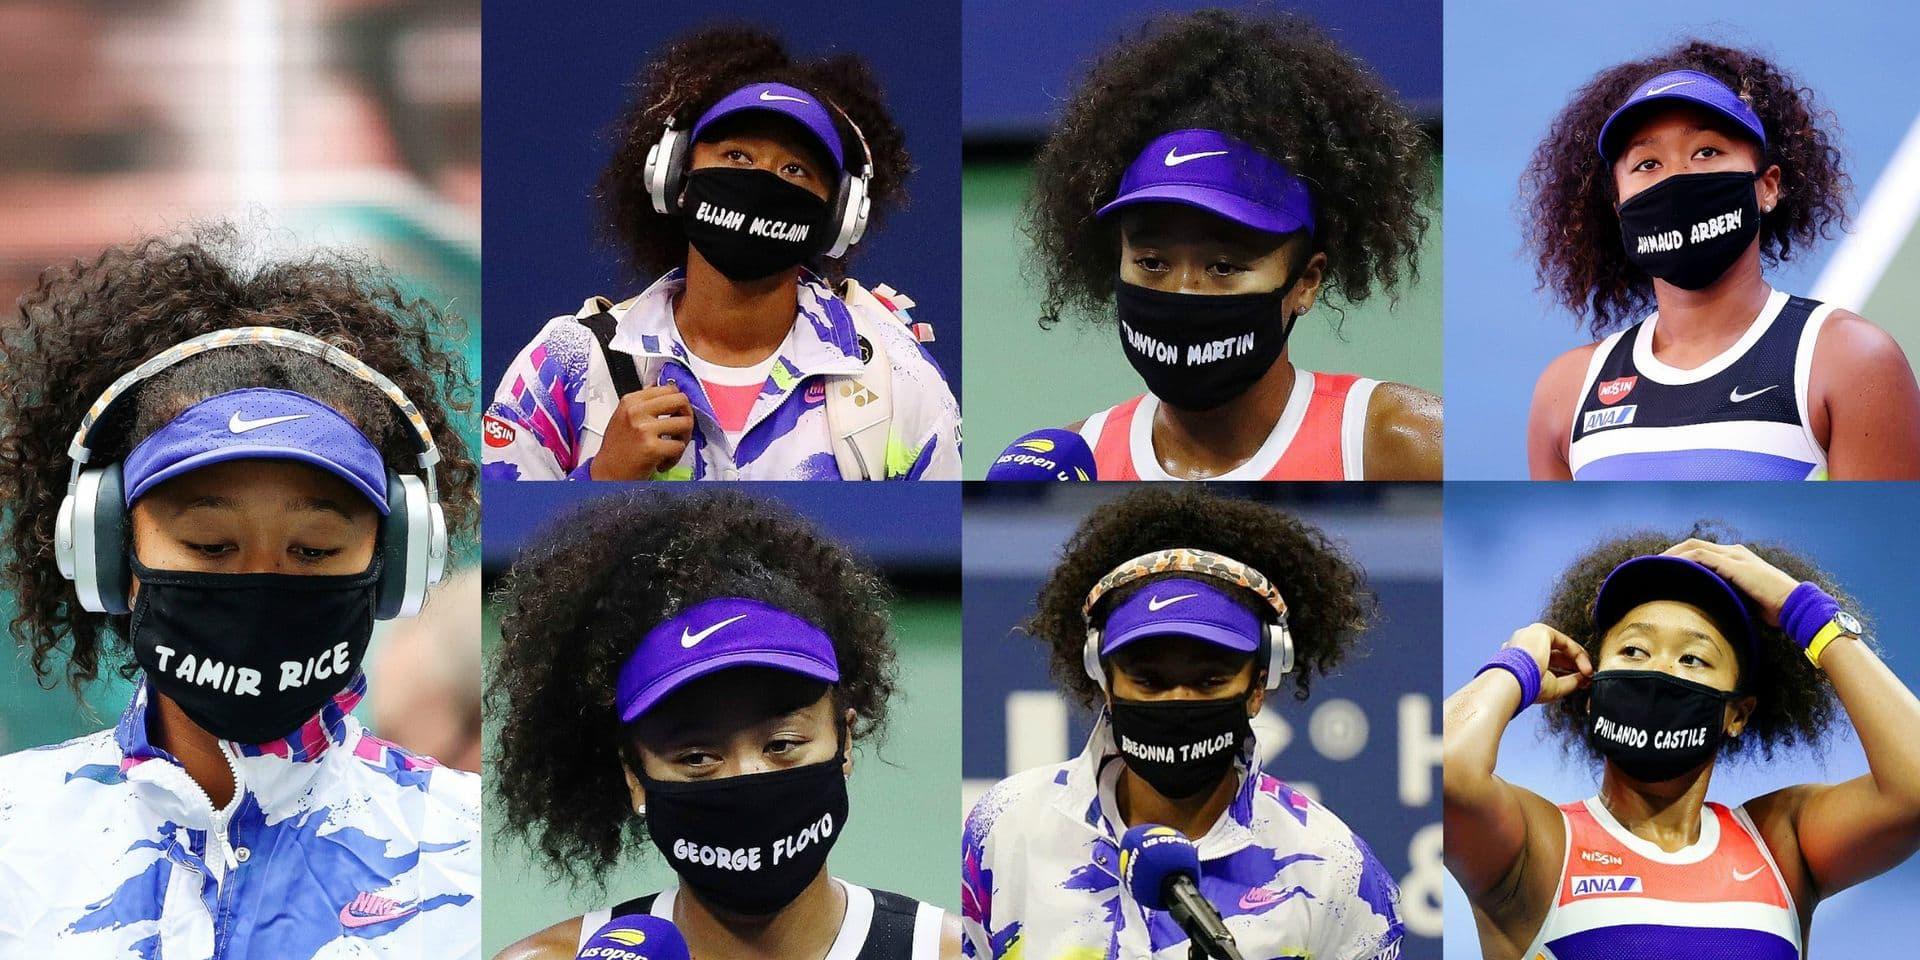 Sept matchs pour sept masques et sept histoires tragiques: Osaka, une championne qui affiche ses convictions